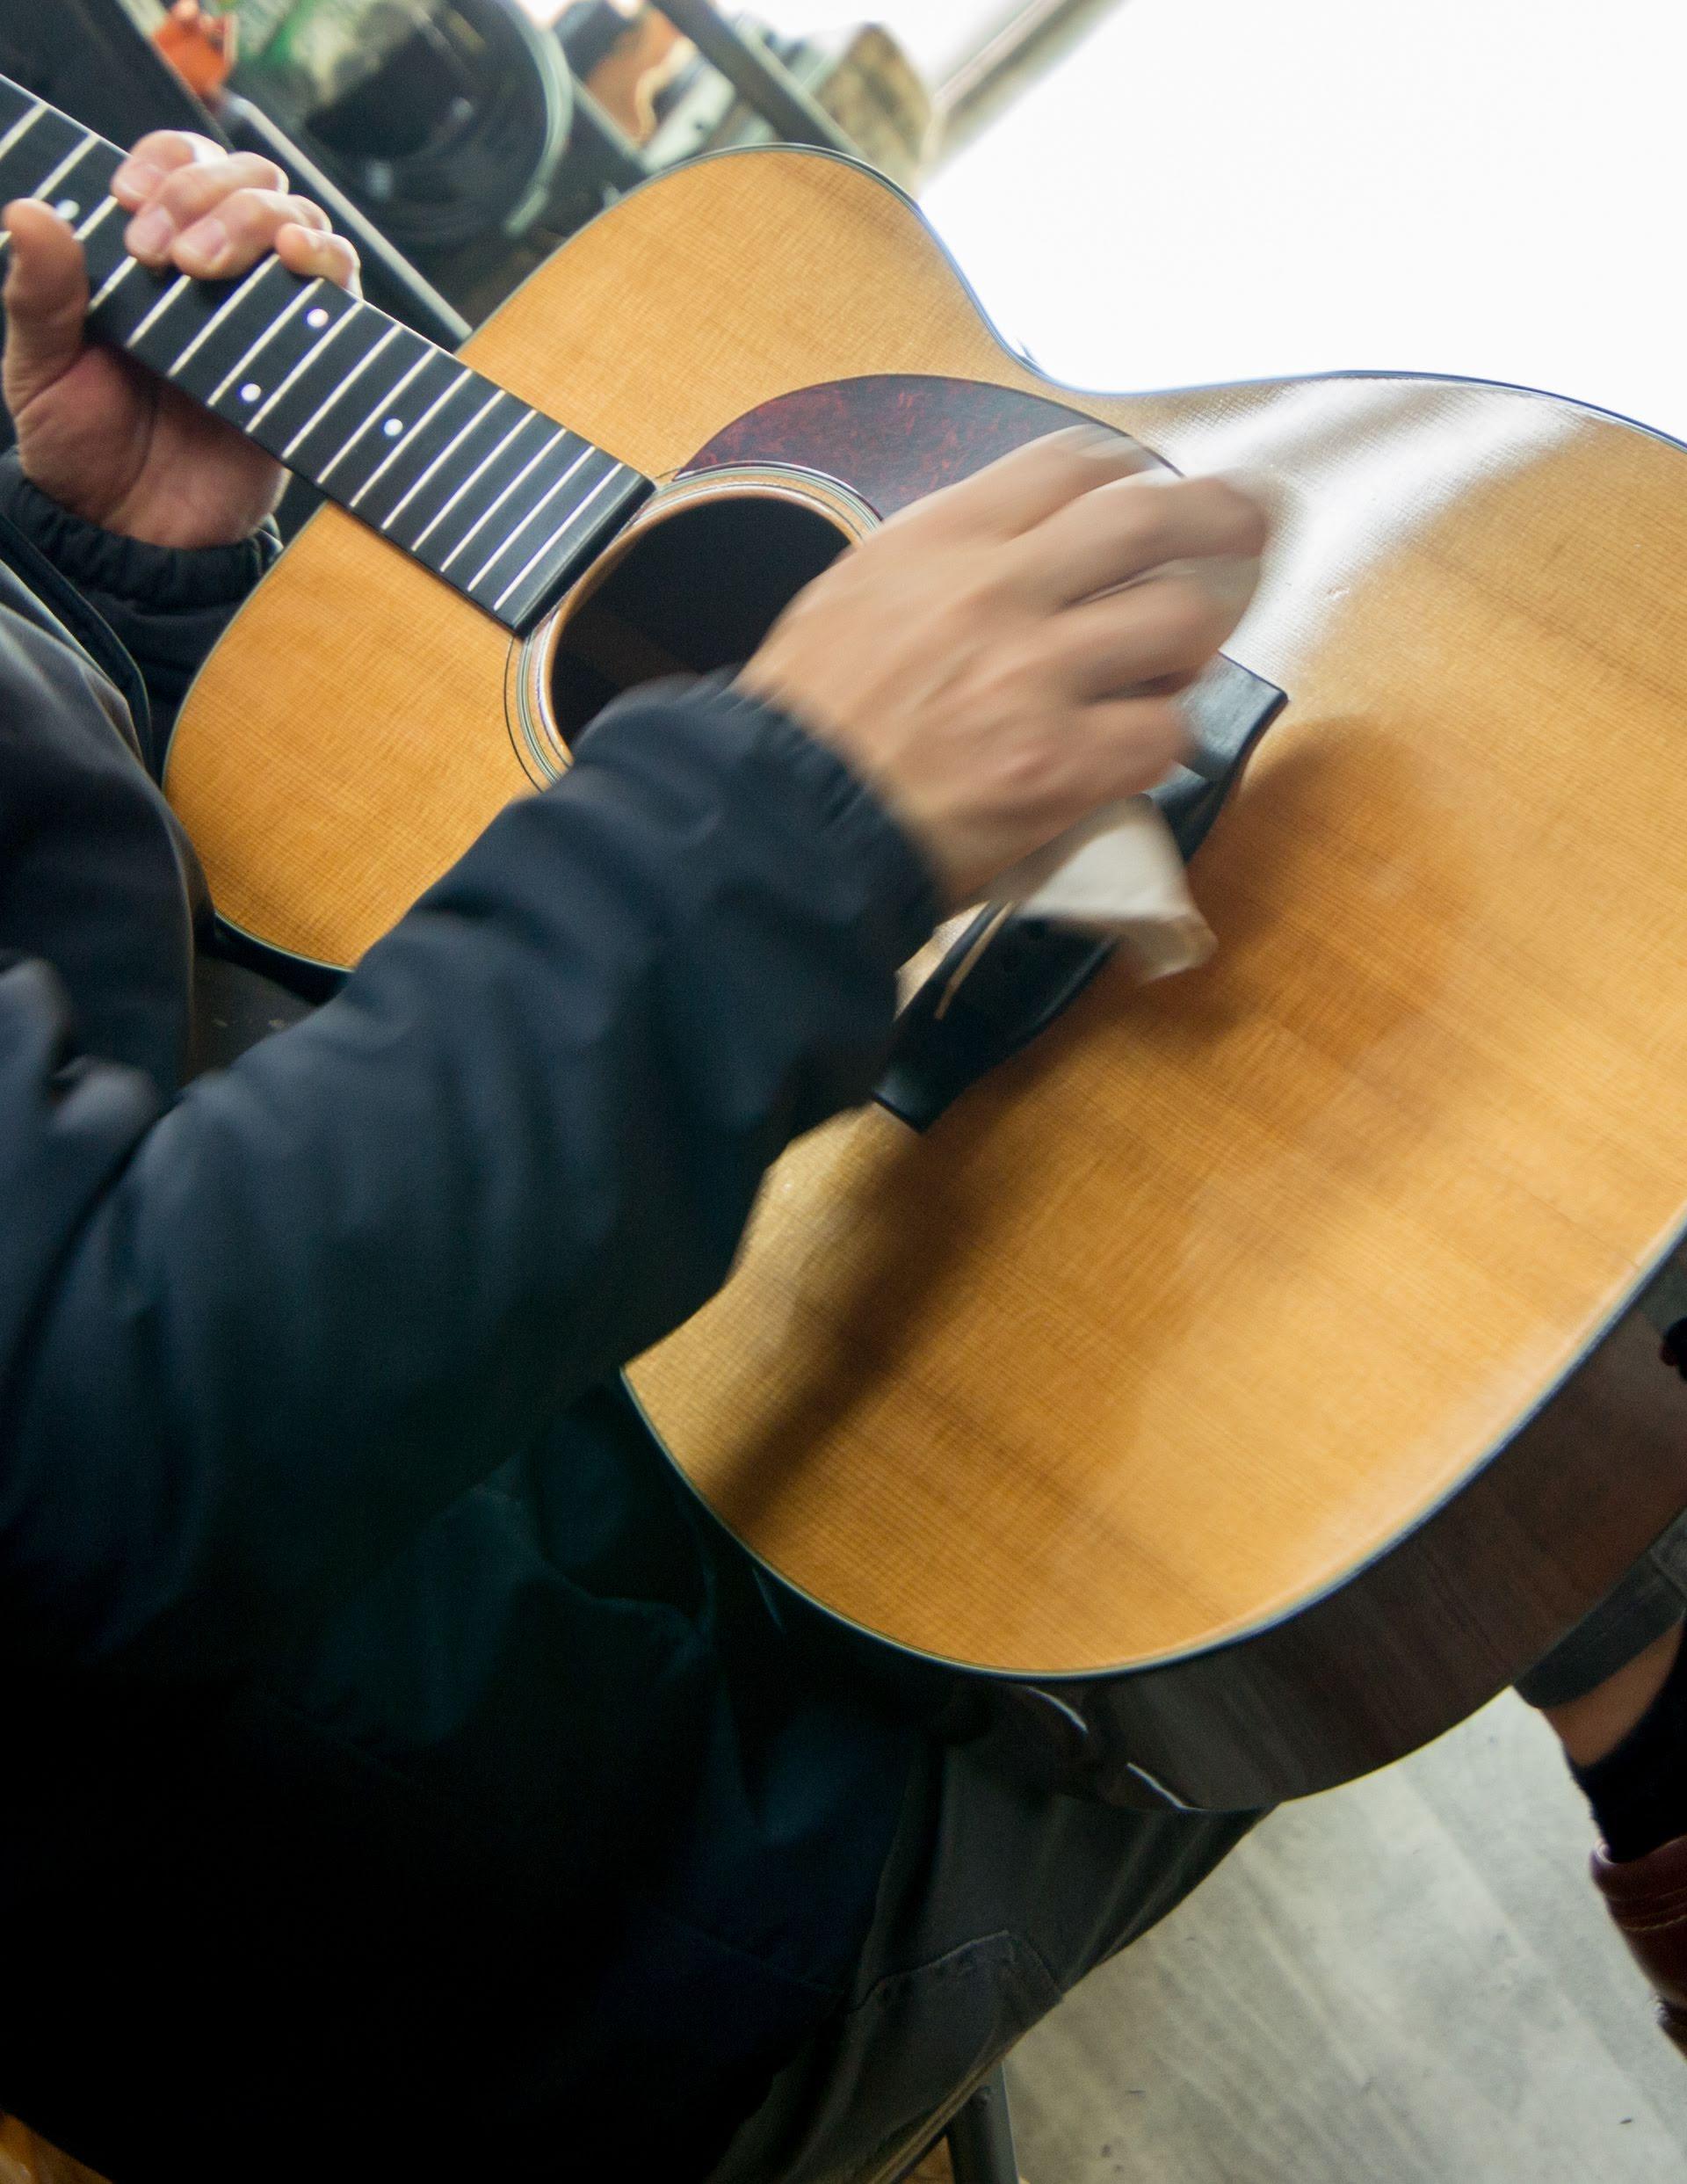 ギター調整 弦高、セッティング見直し セットアップ メンテナンスご相談